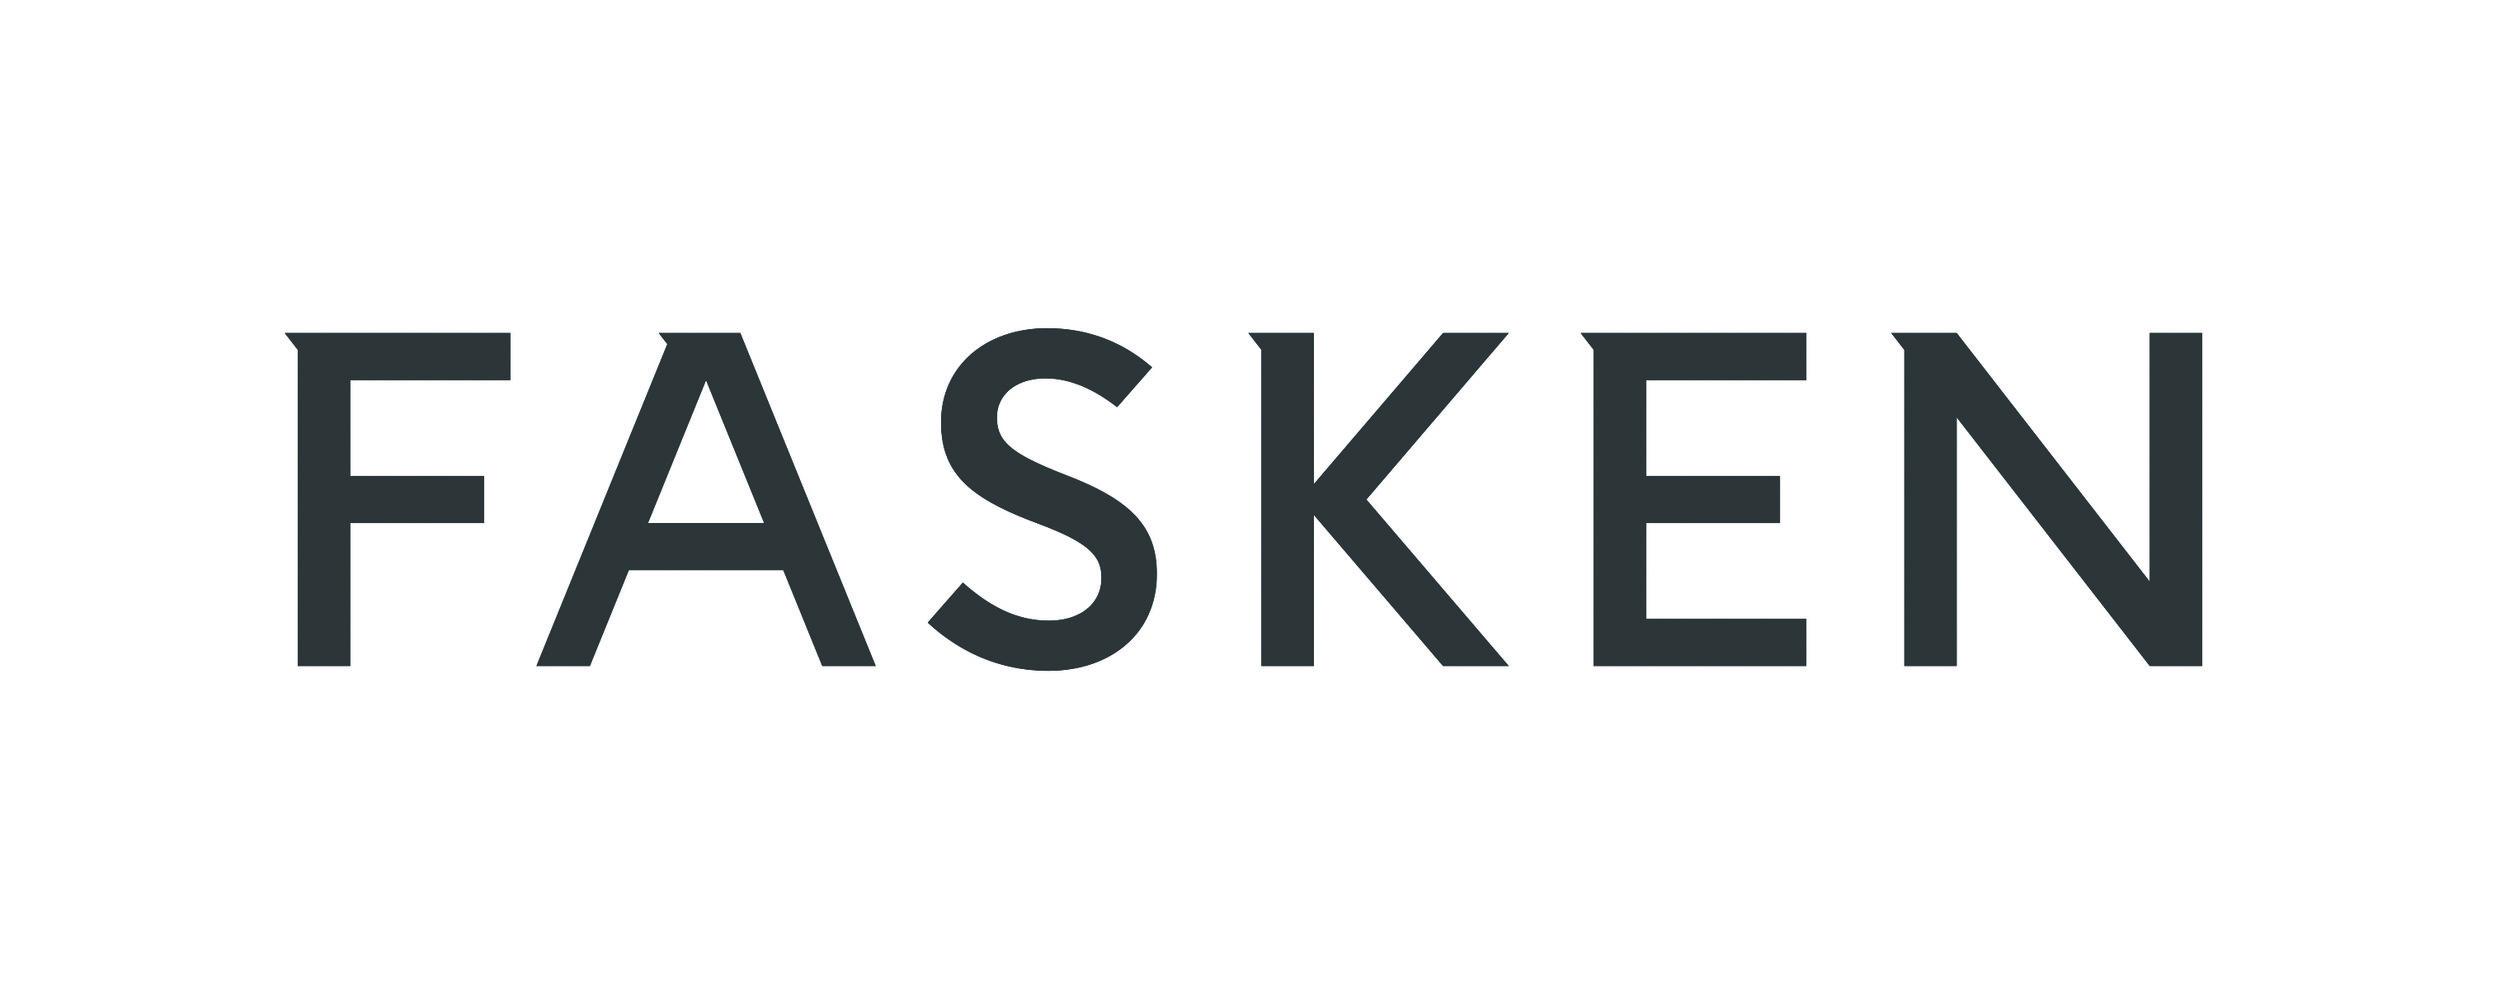 Fasken_CMYK.JPG